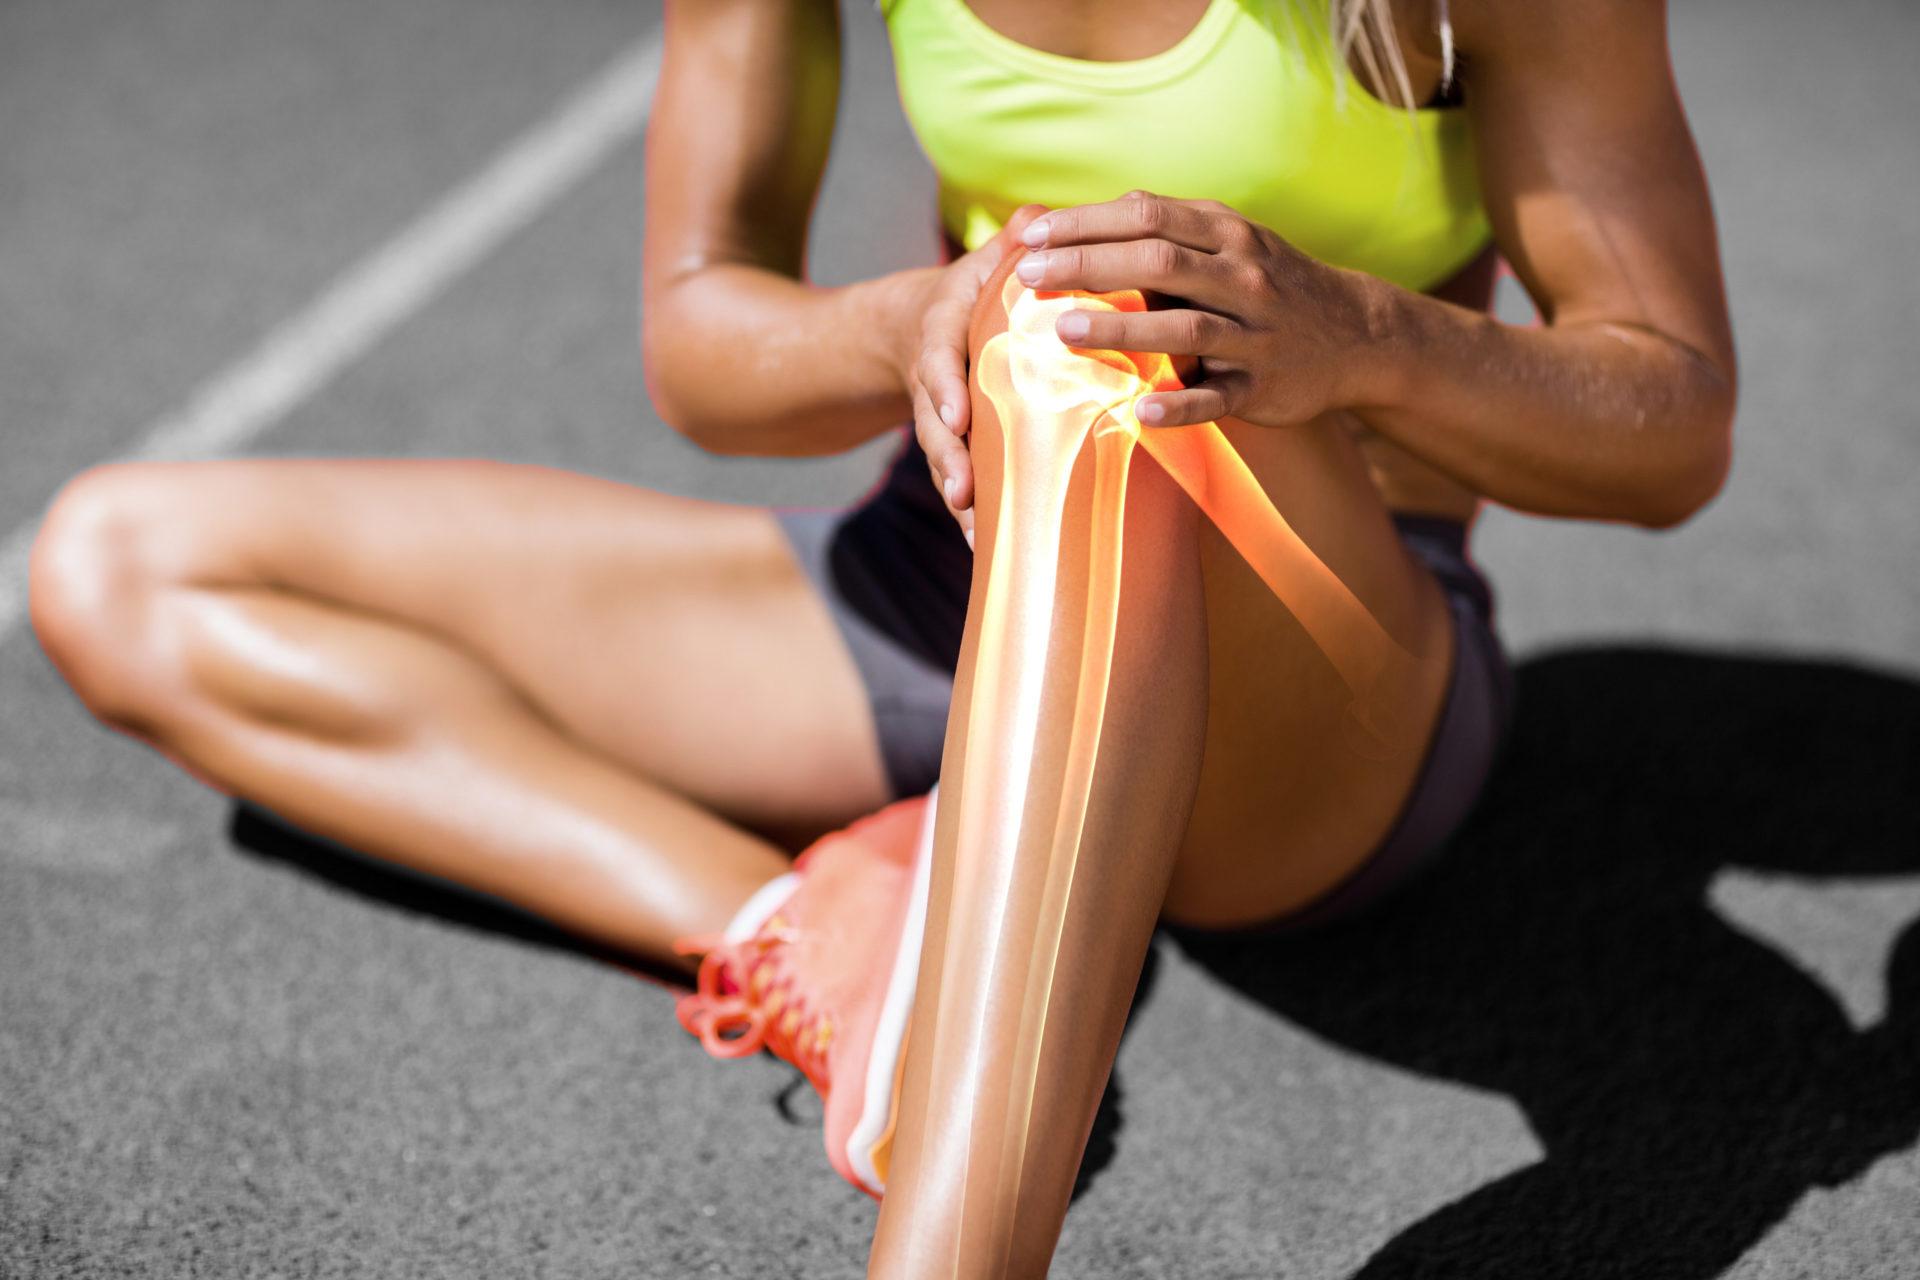 Wysportowana kobieta z bolącym kolanem, oznaczone zmiany zwyrodnieniowe